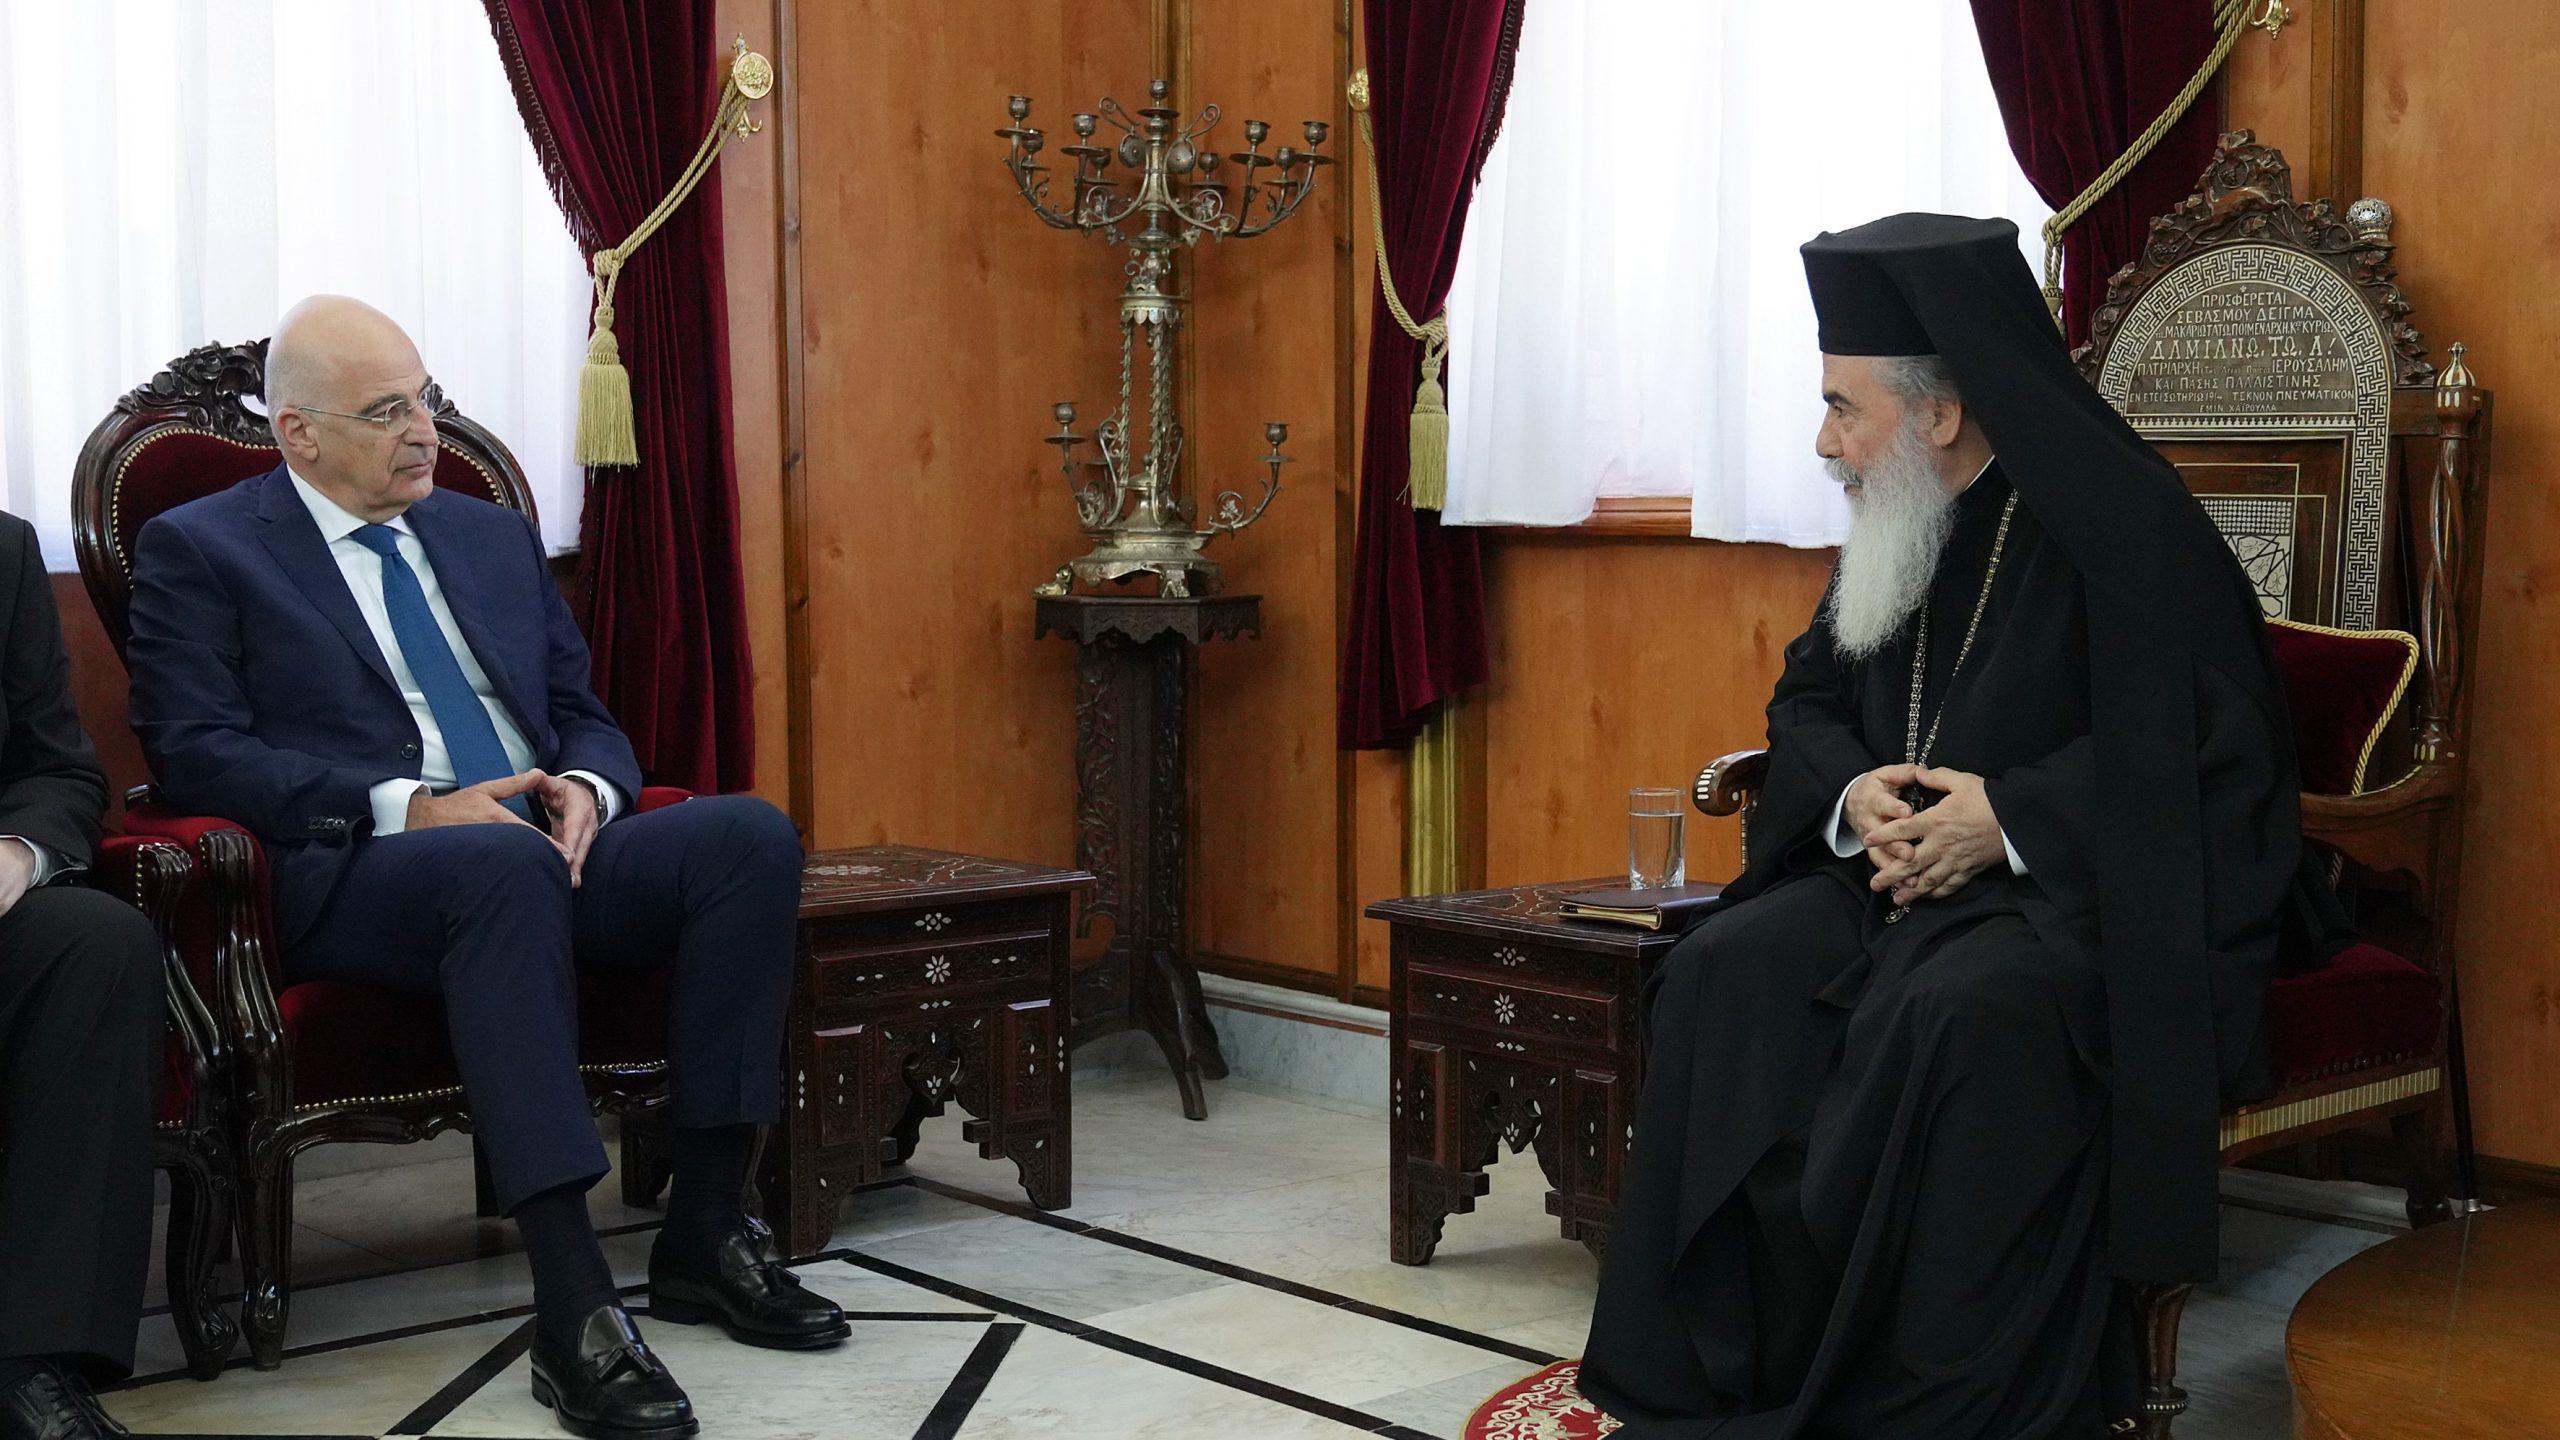 Συνάντηση Δένδια με τον Πατριάρχη Ιεροσολύμων, τον ΥΠΕΞ του Ισραήλ και τον Πρωθυπουργό της Παλαιστινιακής Αρχής